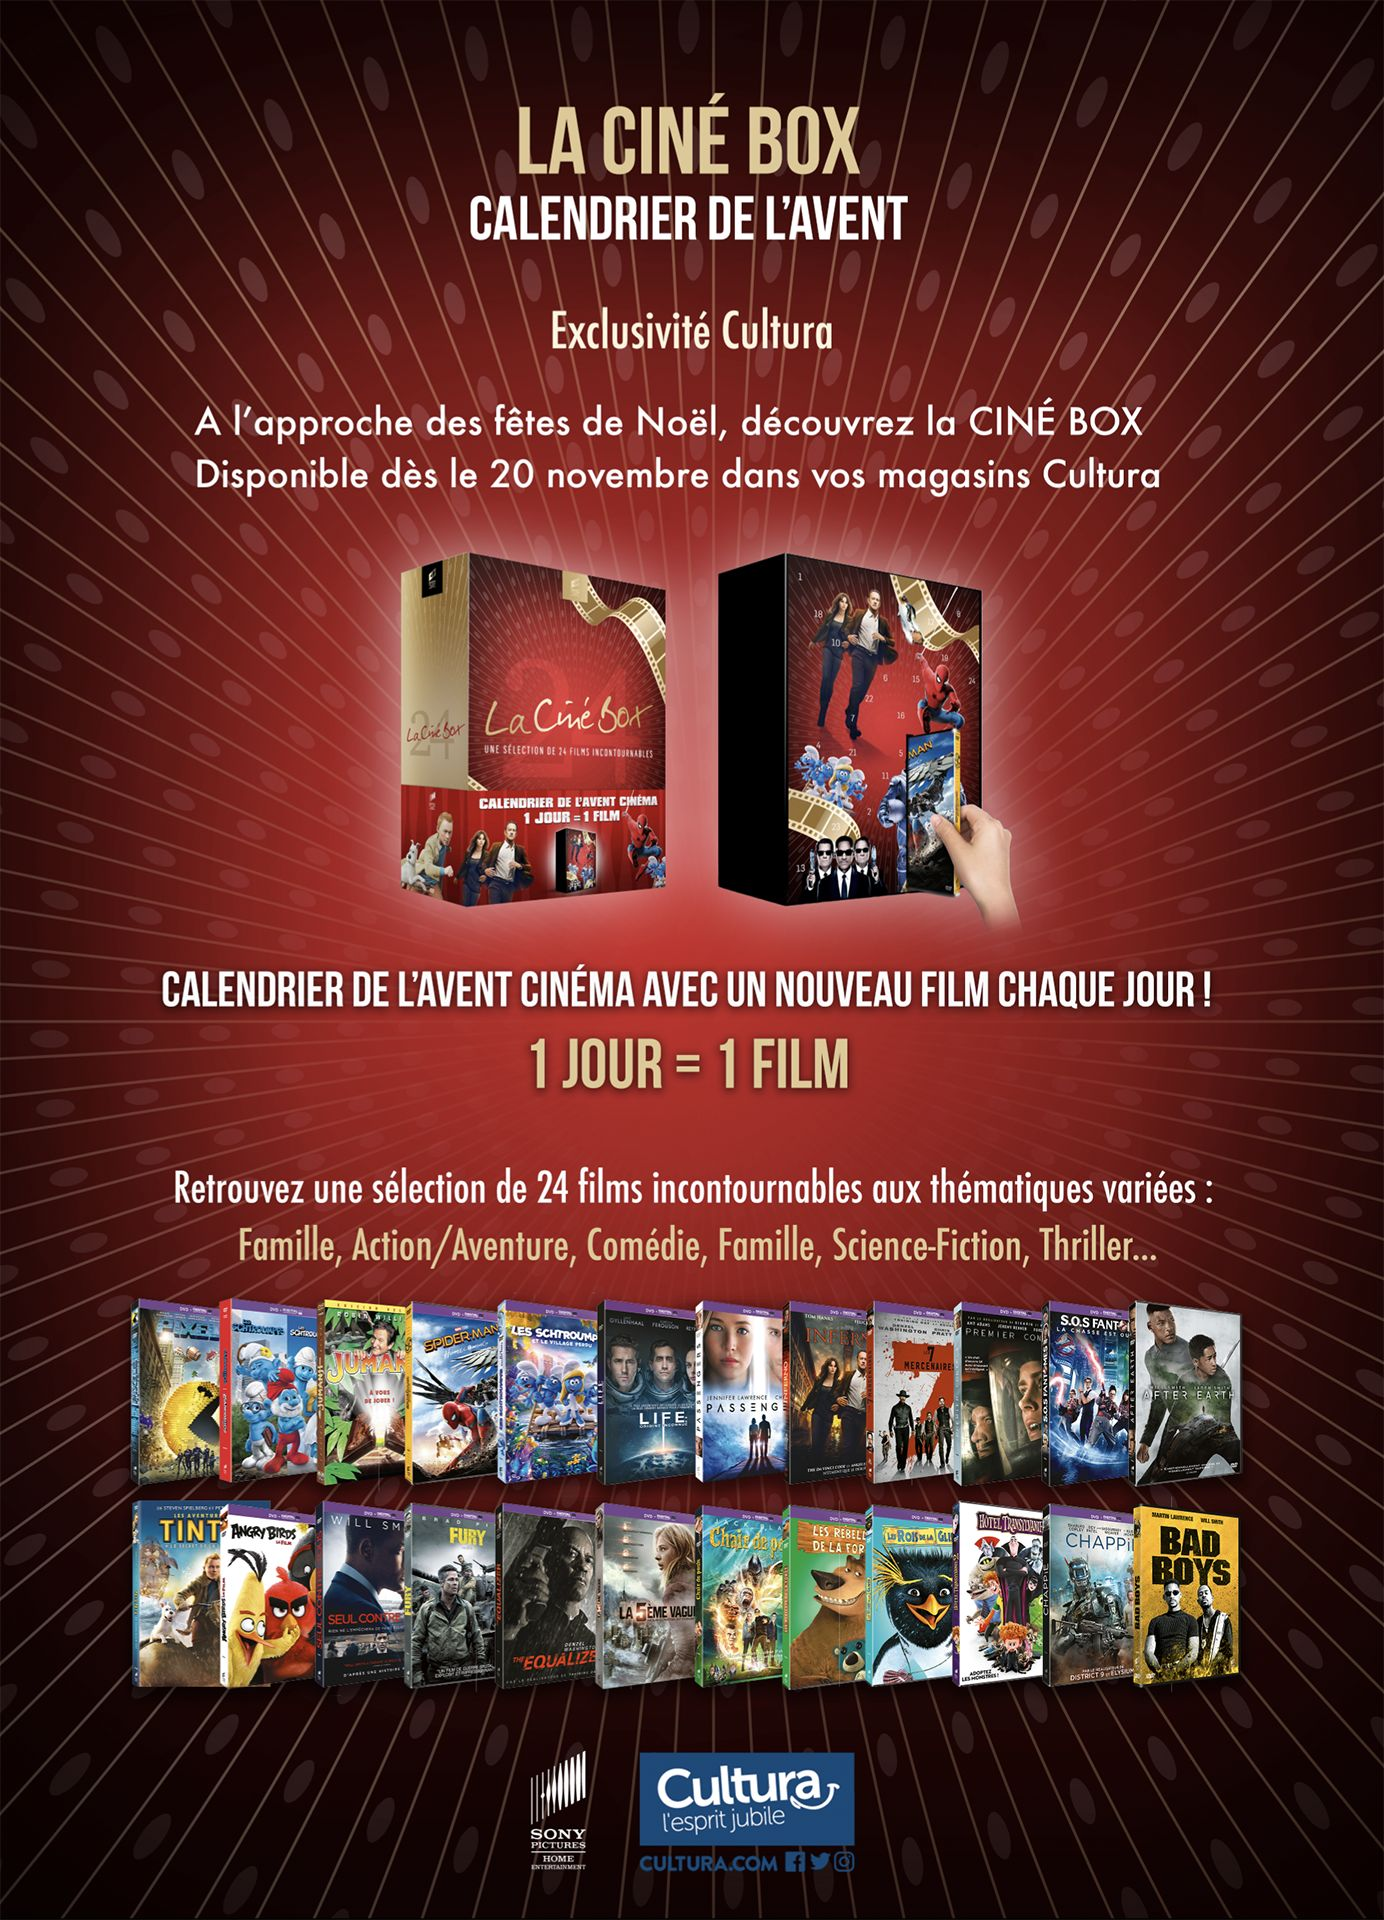 Calendrier de l'Avent DVD : On se fait un film par jour ? - page 1- GamAlive